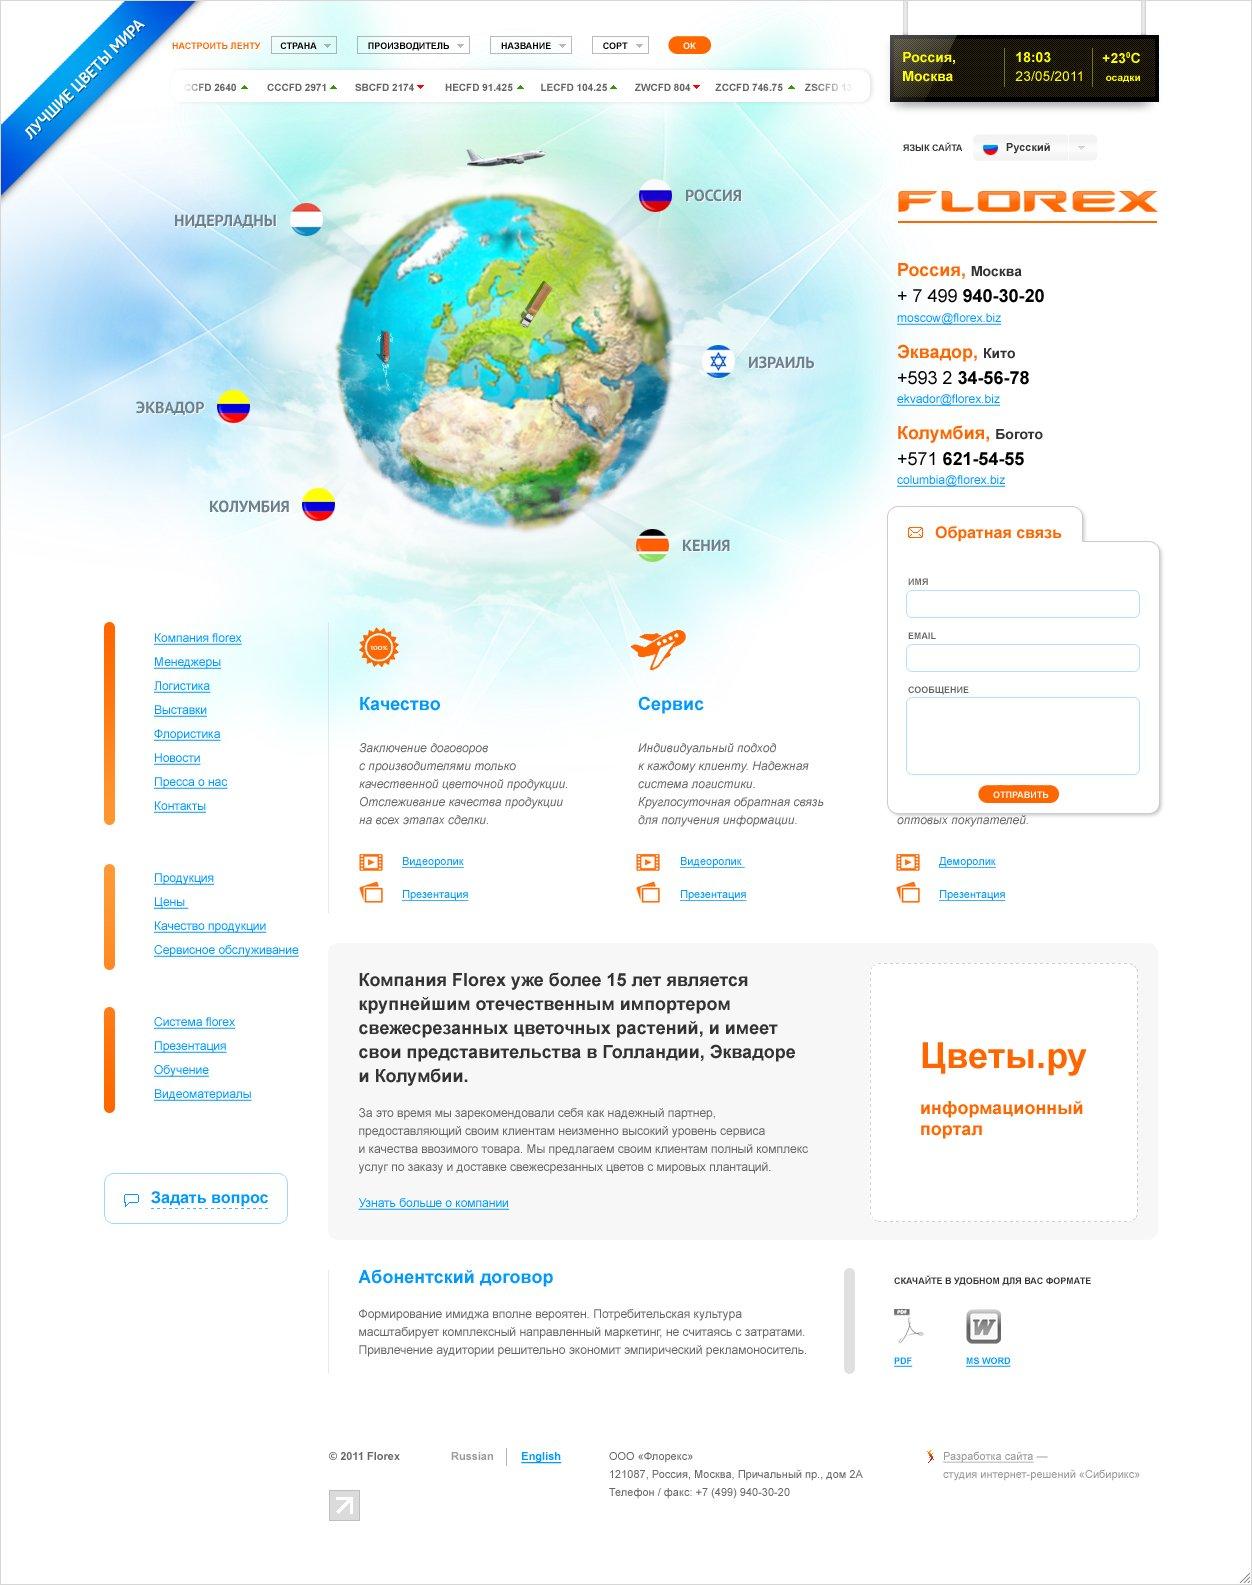 <p><b>Главная страница</b></p> <p>Планета— один изглавных (исамых эффектных) инструментов этого сайта. </p>